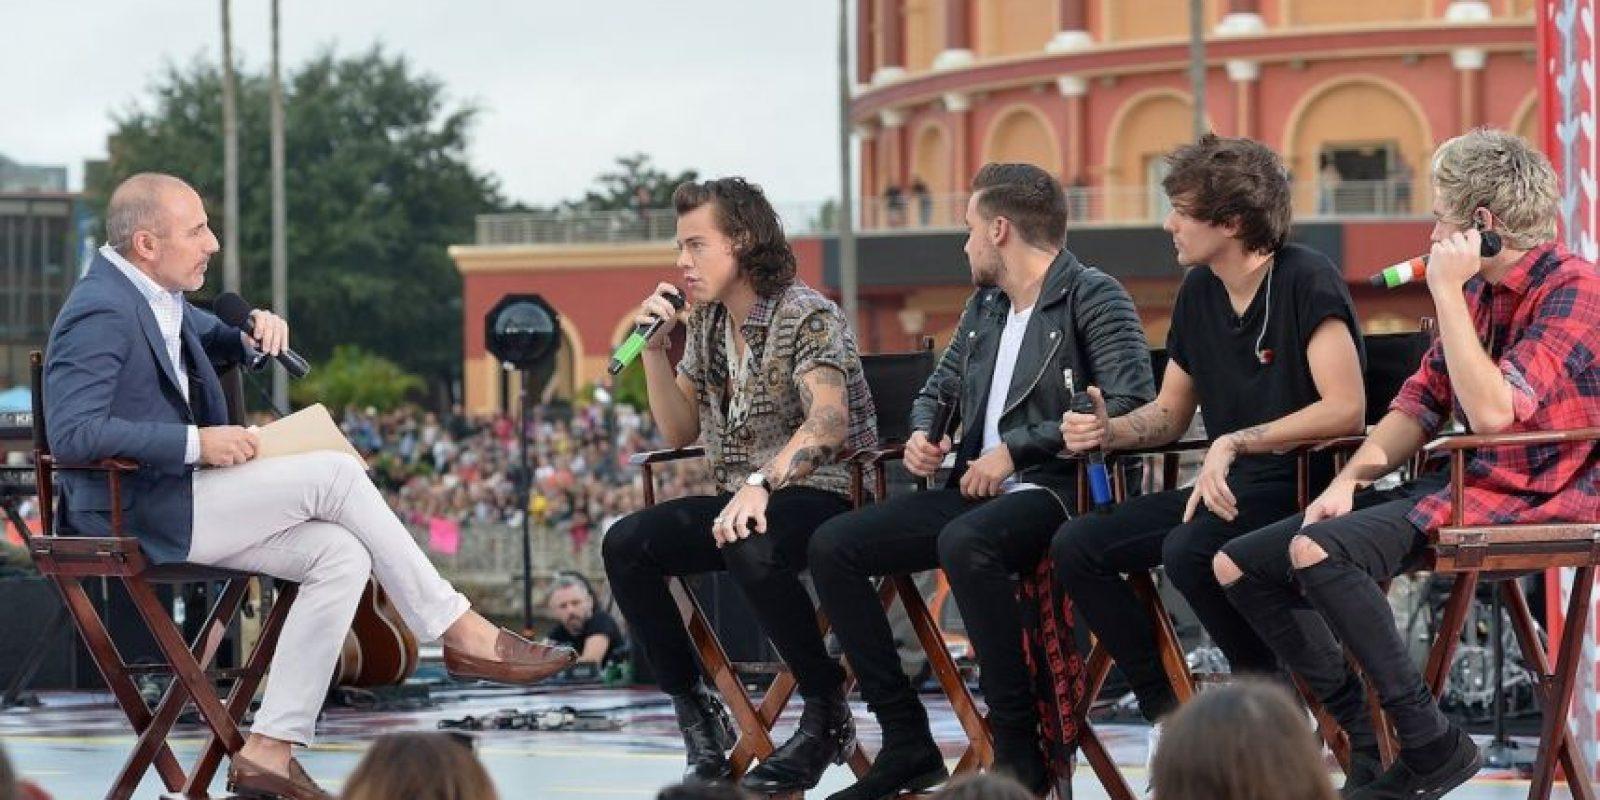 Ahora, la banda continúa su gira, a pesar de que esta noticia golpeó a sus fans. Foto:Getty Images